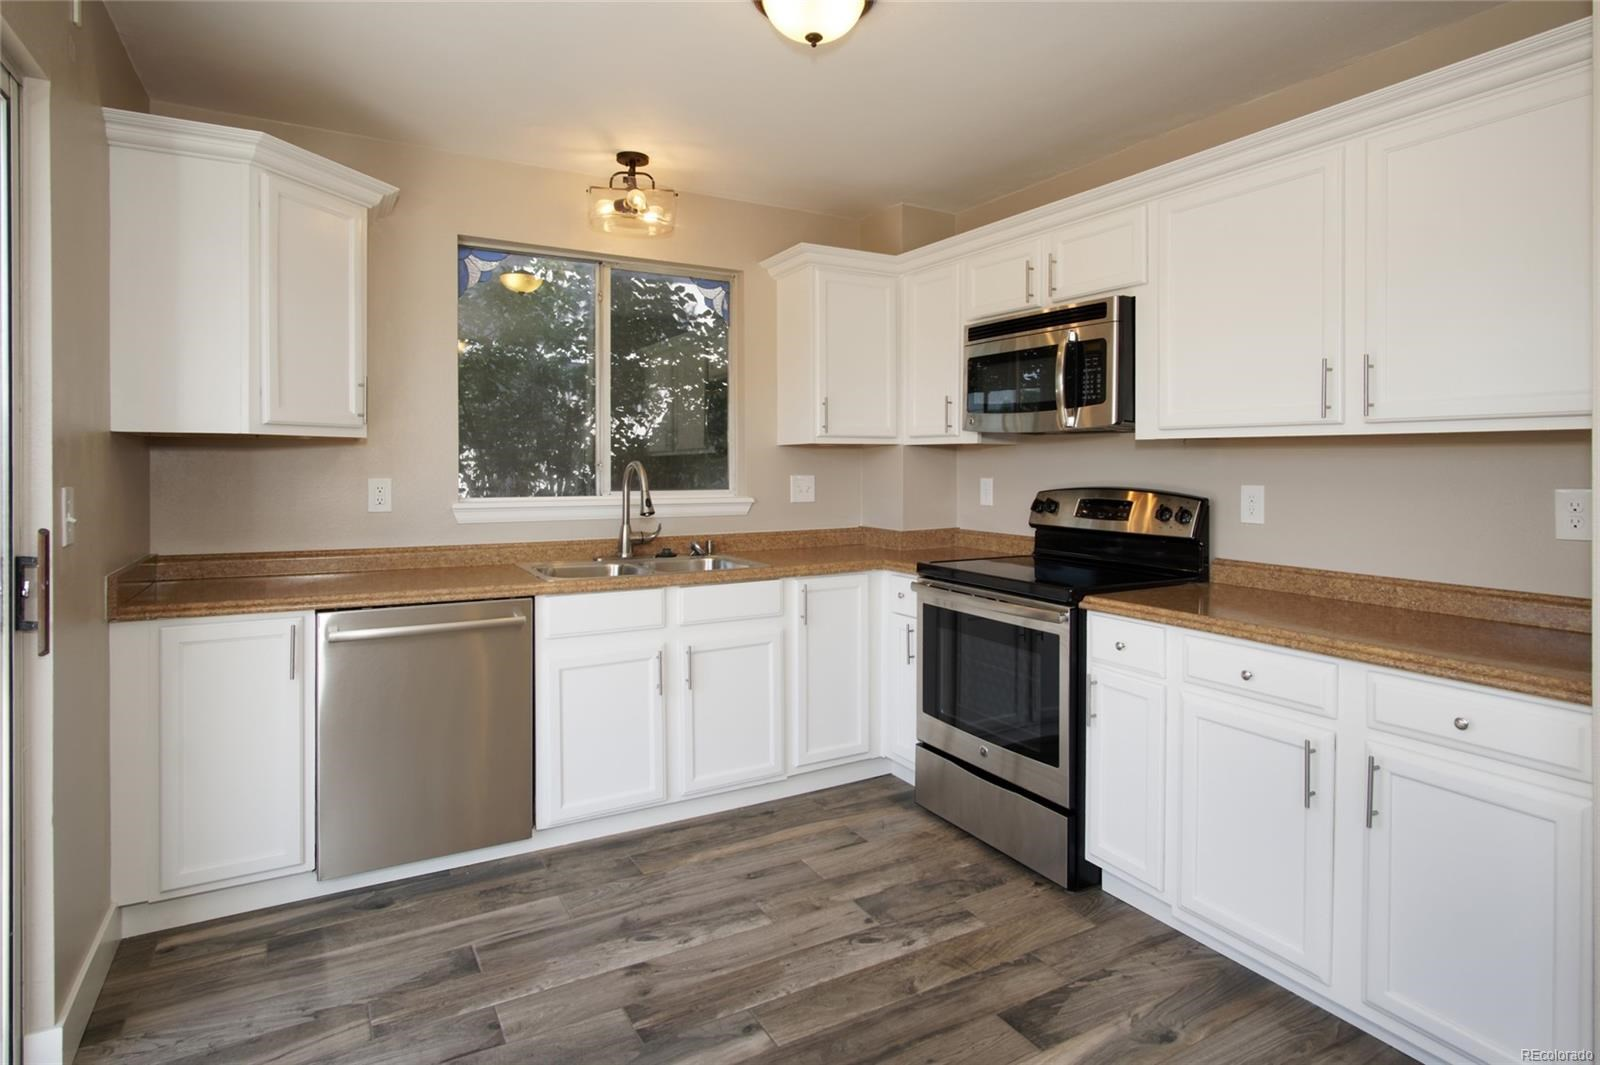 MLS# 6343588 - 12 - 522 Lindenwood Court, Highlands Ranch, CO 80126